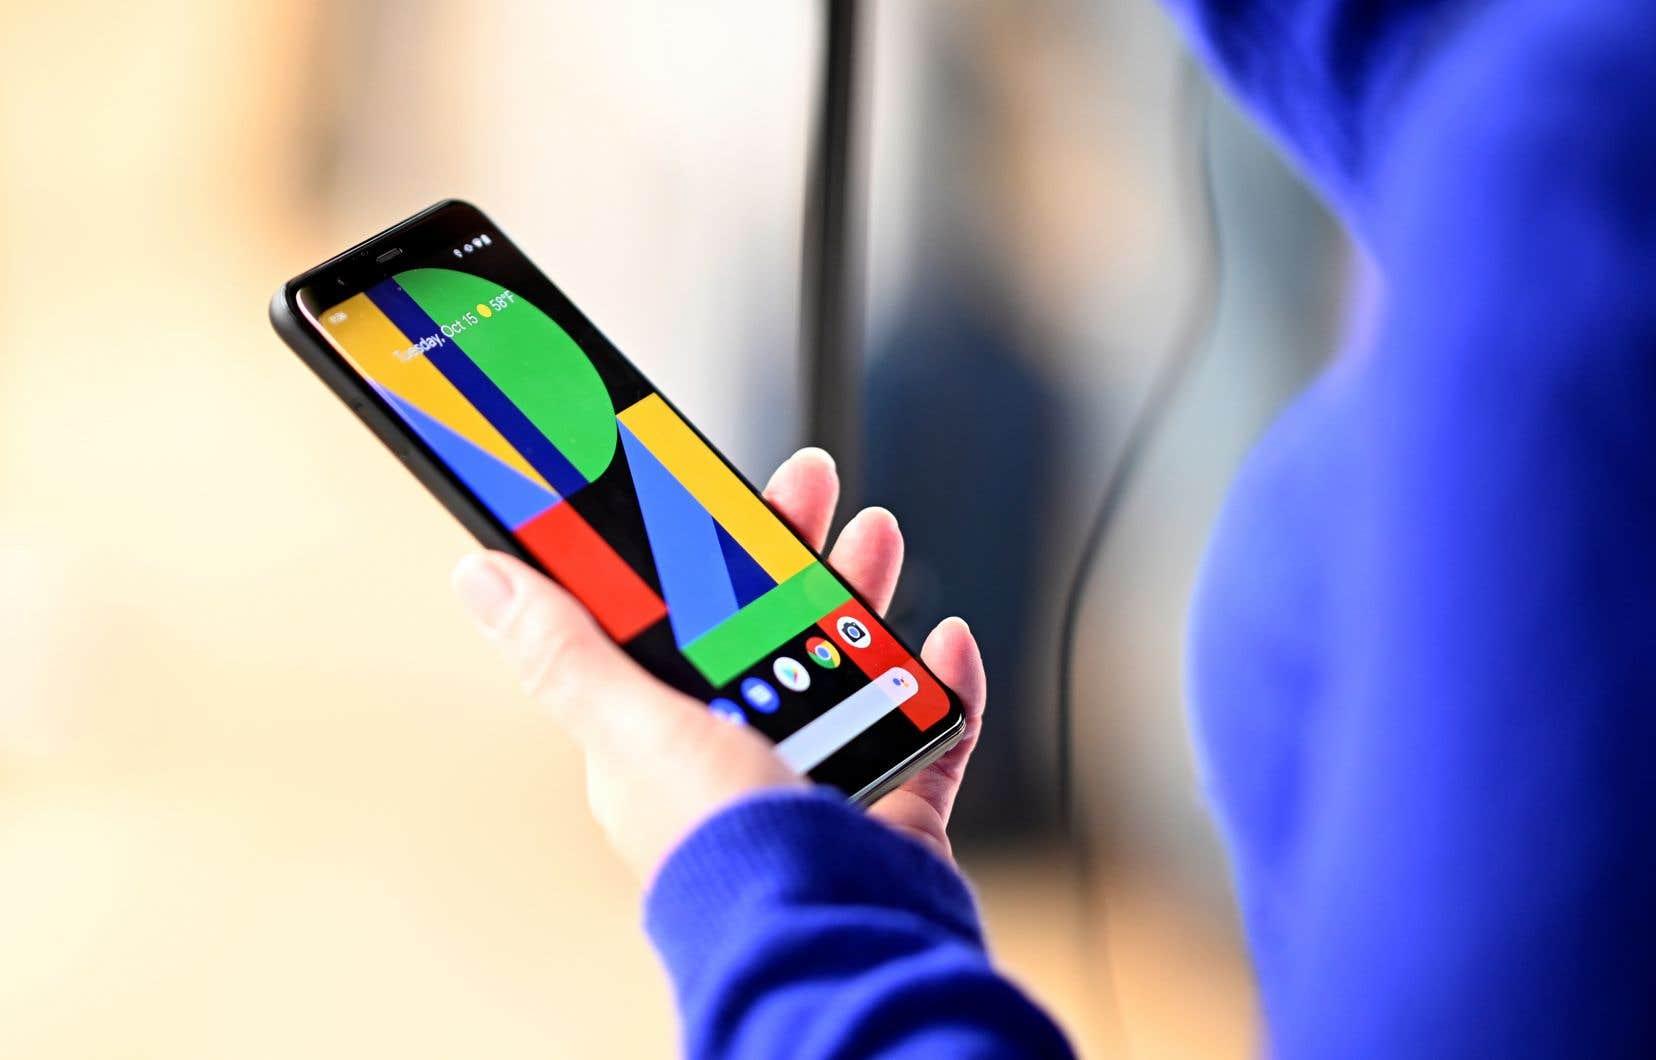 Google a présenté lundi un nouveau téléphone intelligent d'entrée de gamme, le Pixel 4a, qui sera moitié moins cher que le Pixel 4 lancé l'automne dernier.